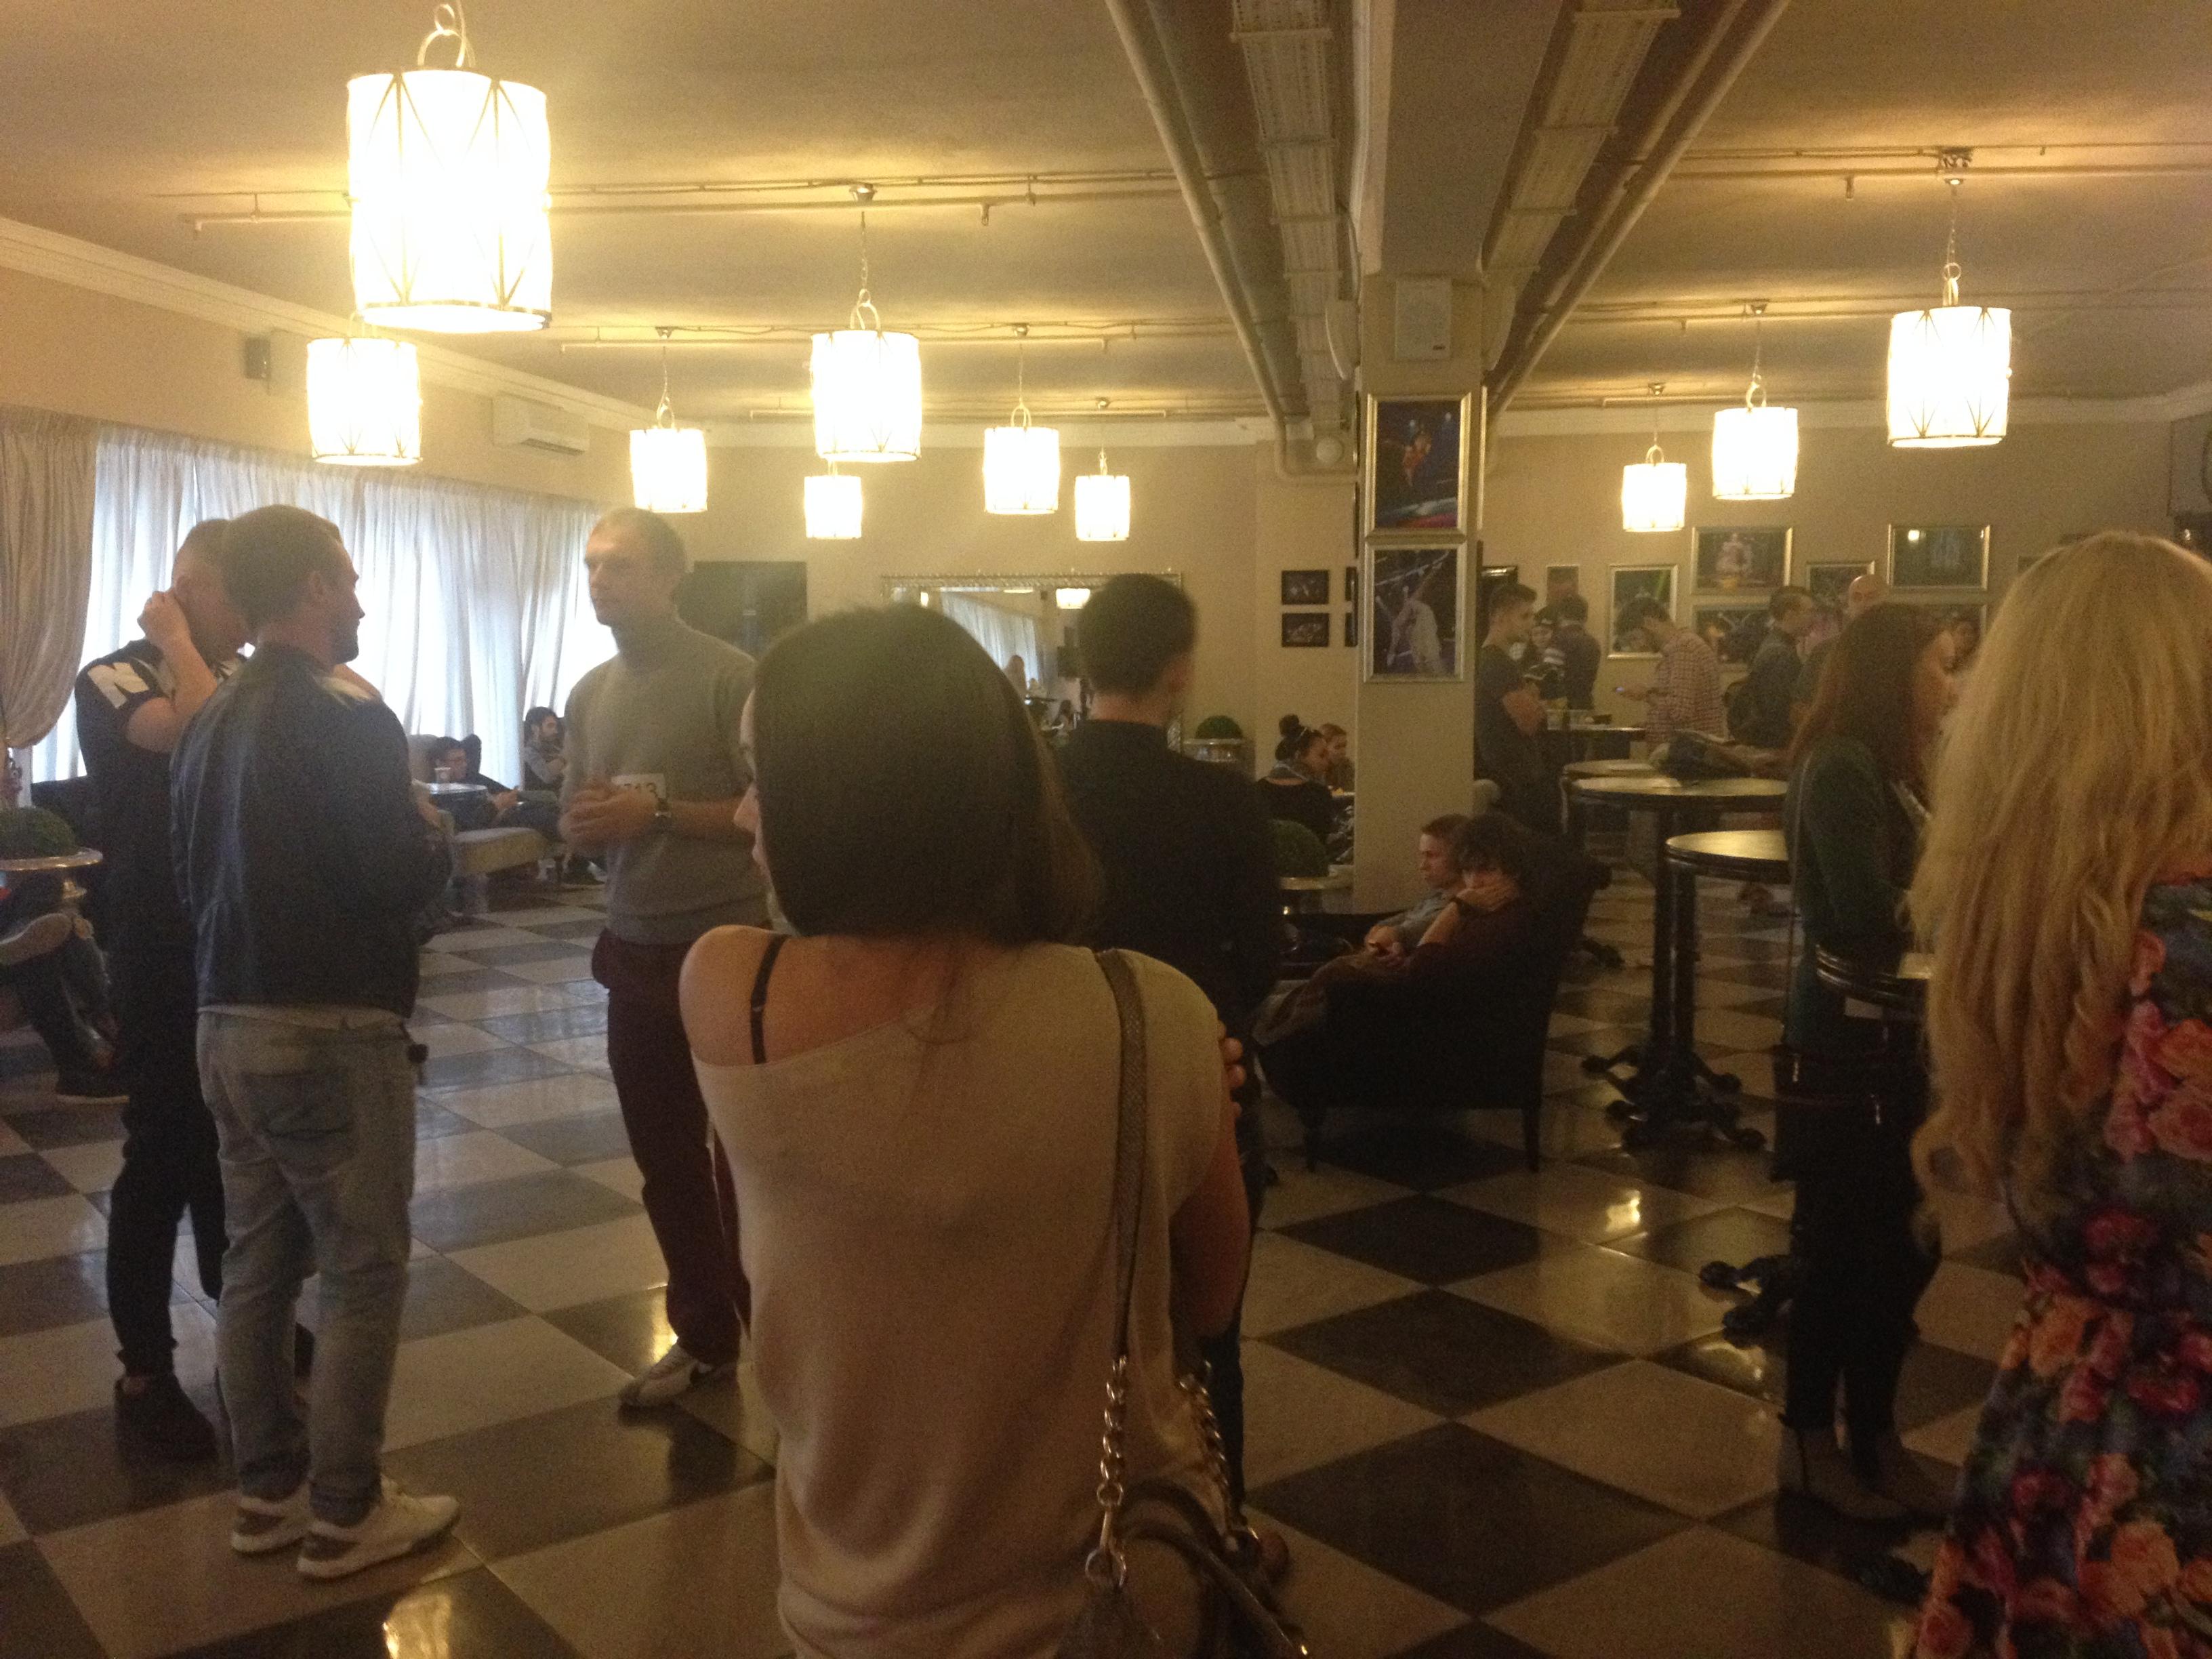 на втором этаже тоже было полно людей, которые ждали своей очереди на кастинг